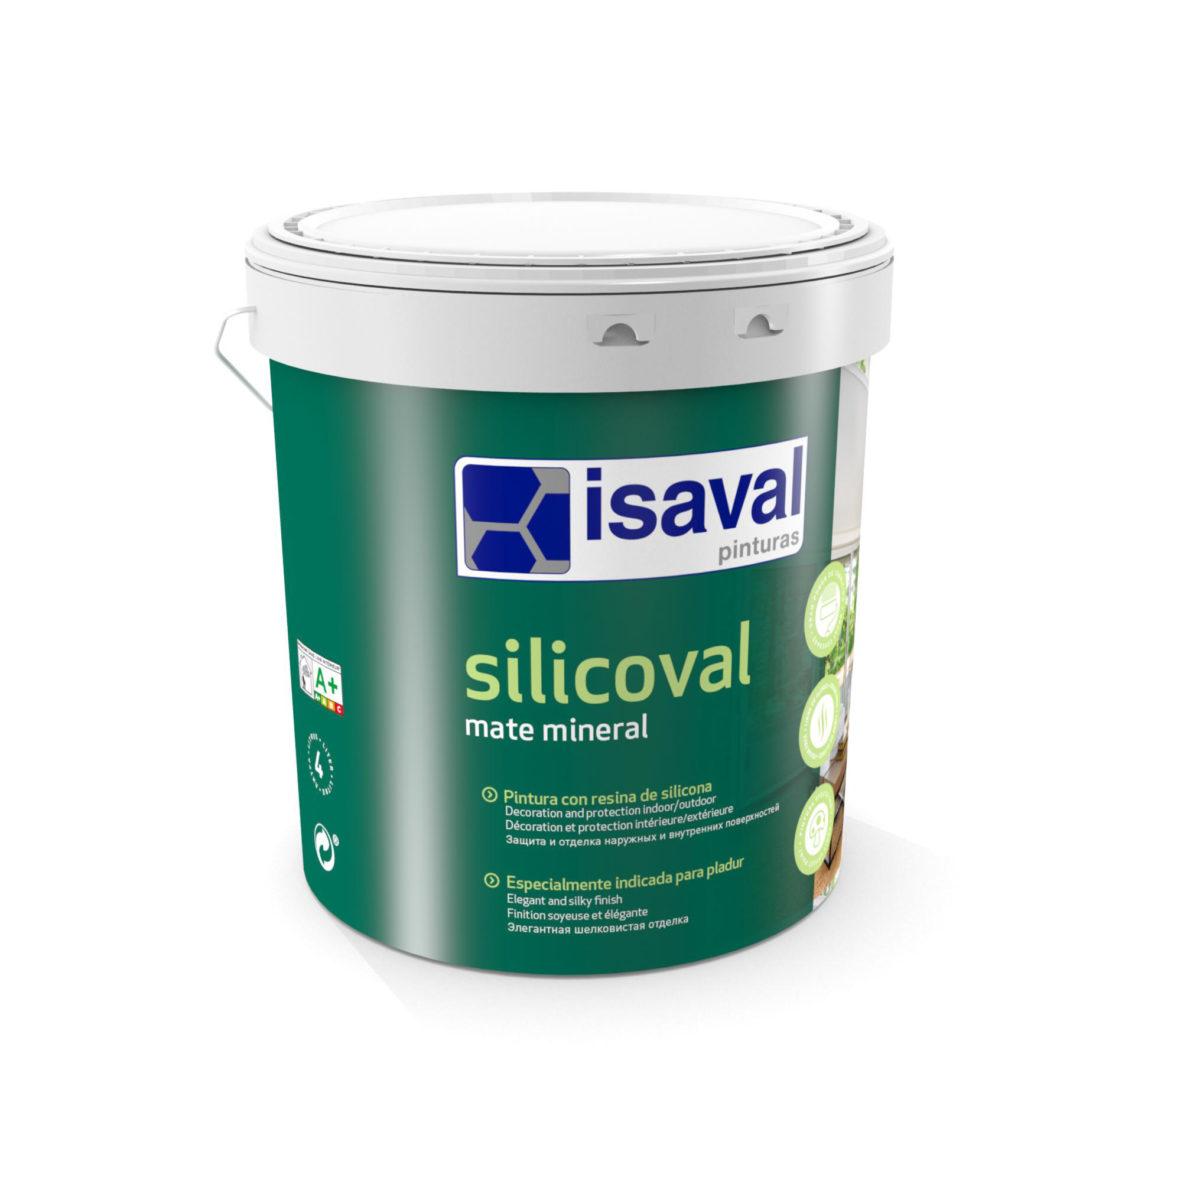 Silicoval Mate mineral. Pinturas con resina de silicona. Pinturas Isaval